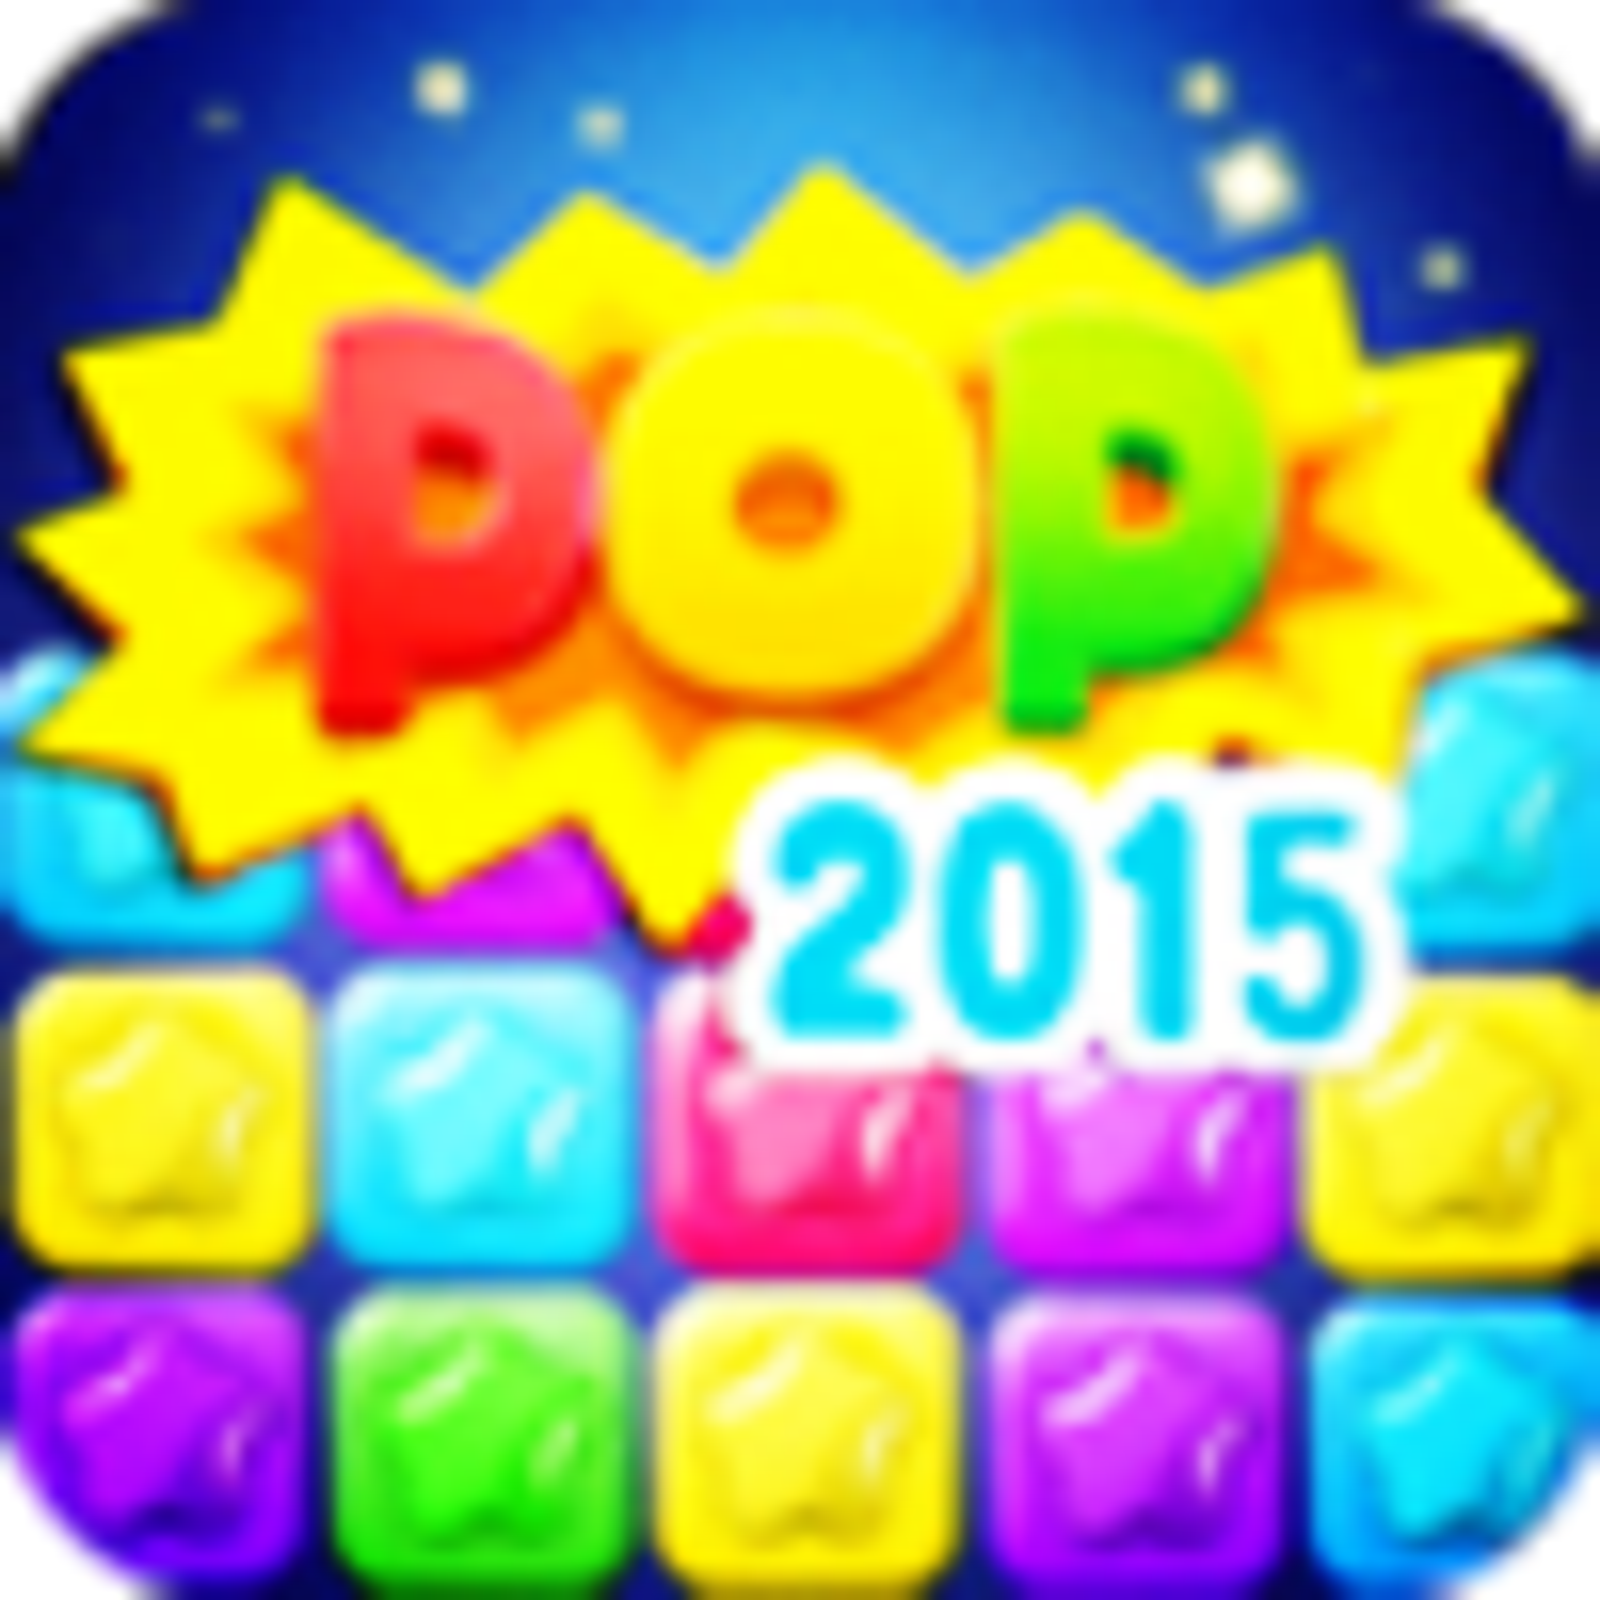 PopStar2015 1.2